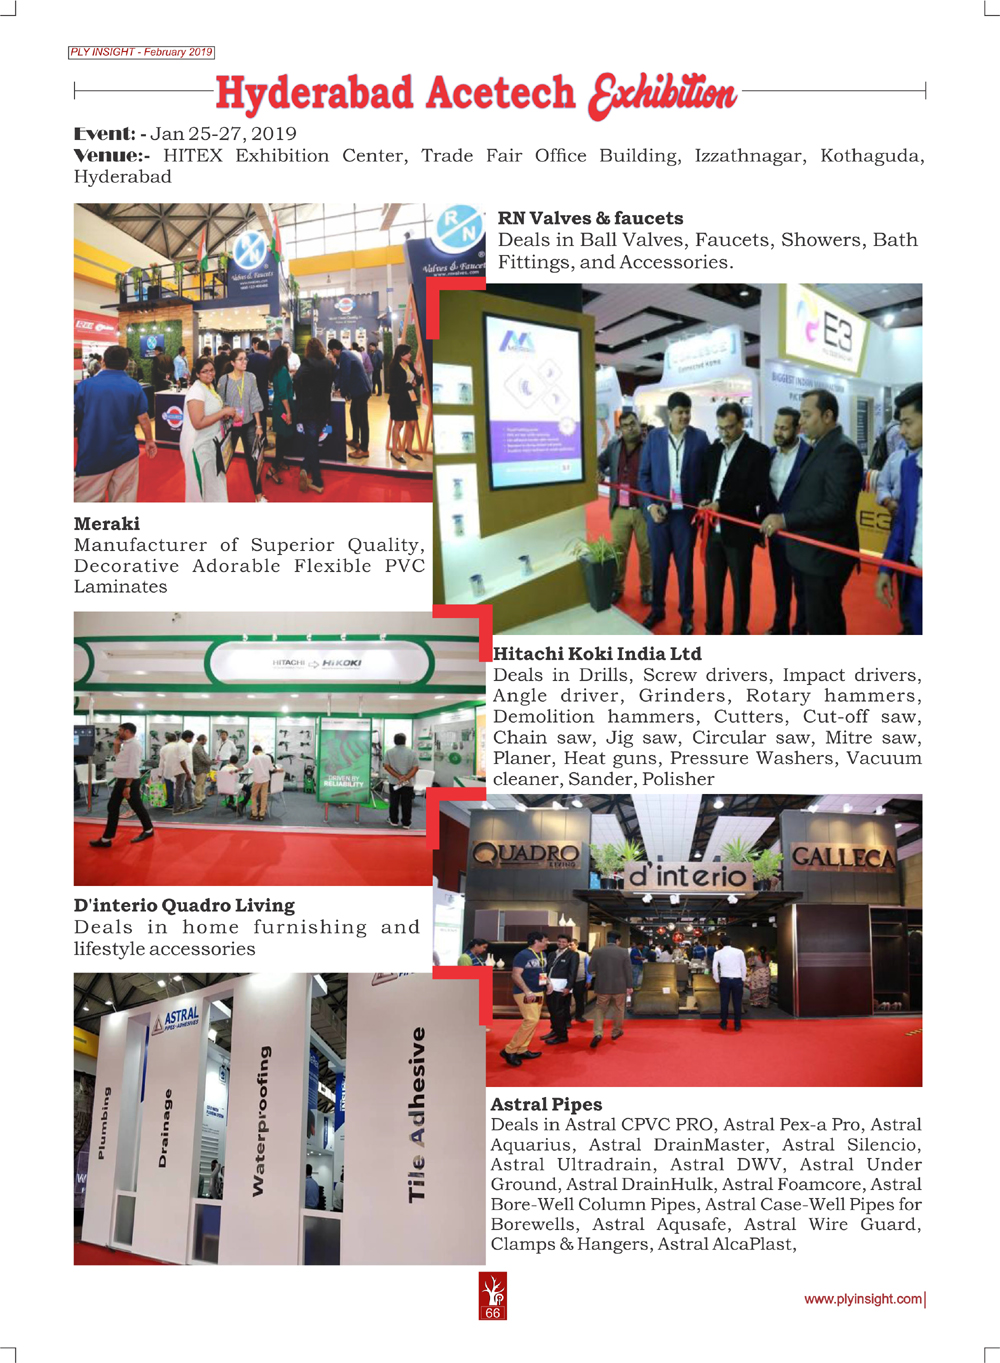 Hyderabad Exhibition